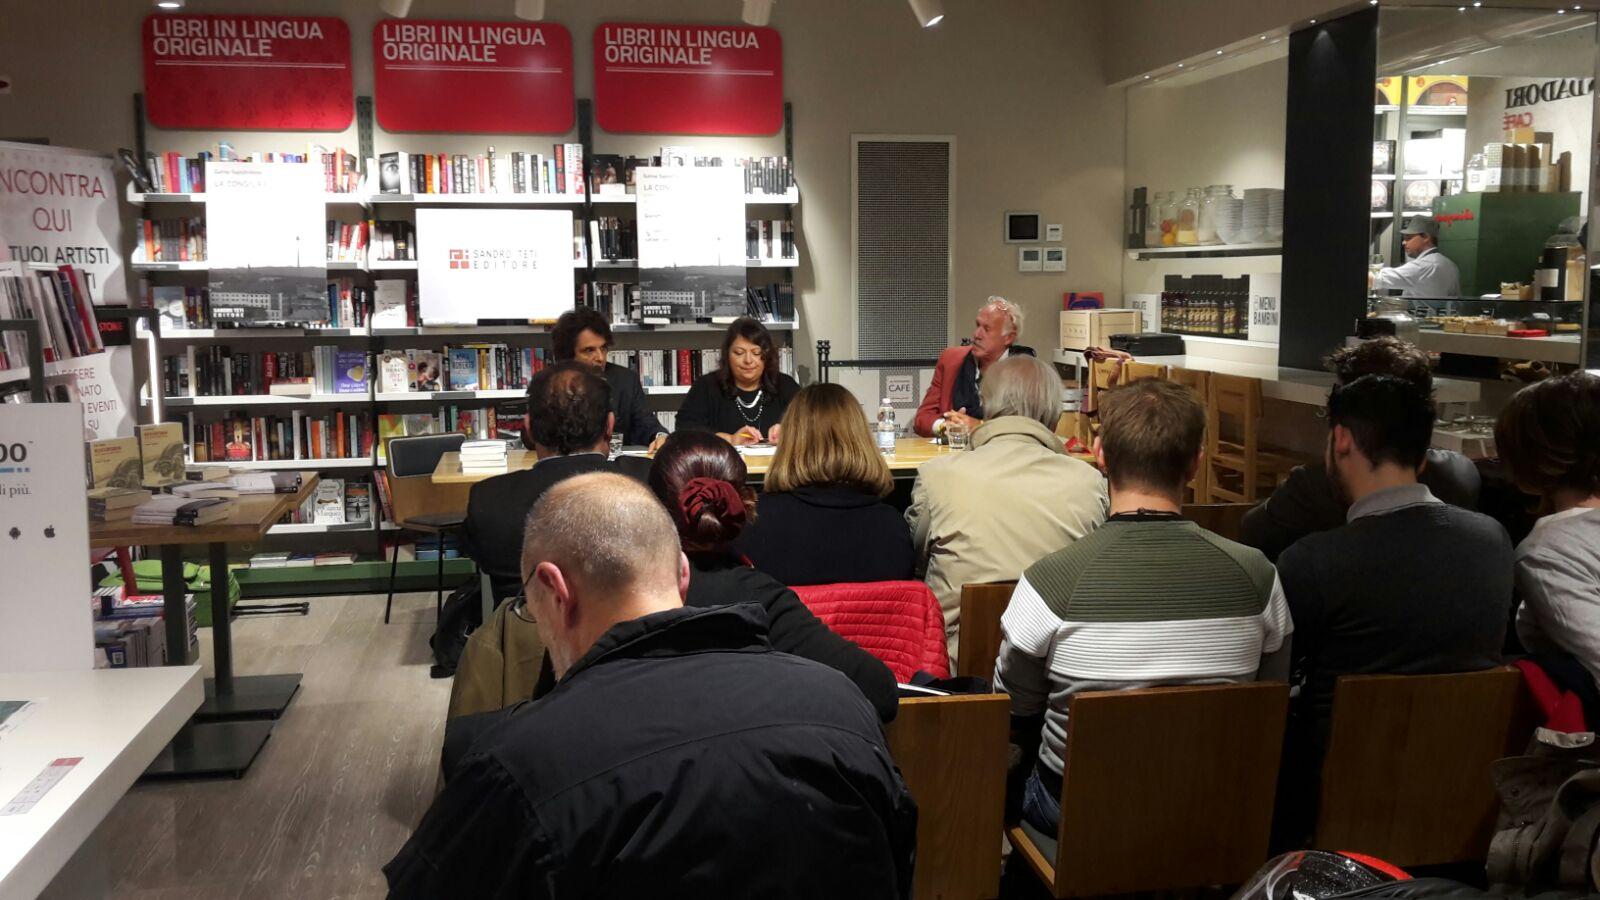 Į G.Sapožnikovos knygos pristatymą susirinko apie 20 žmonių